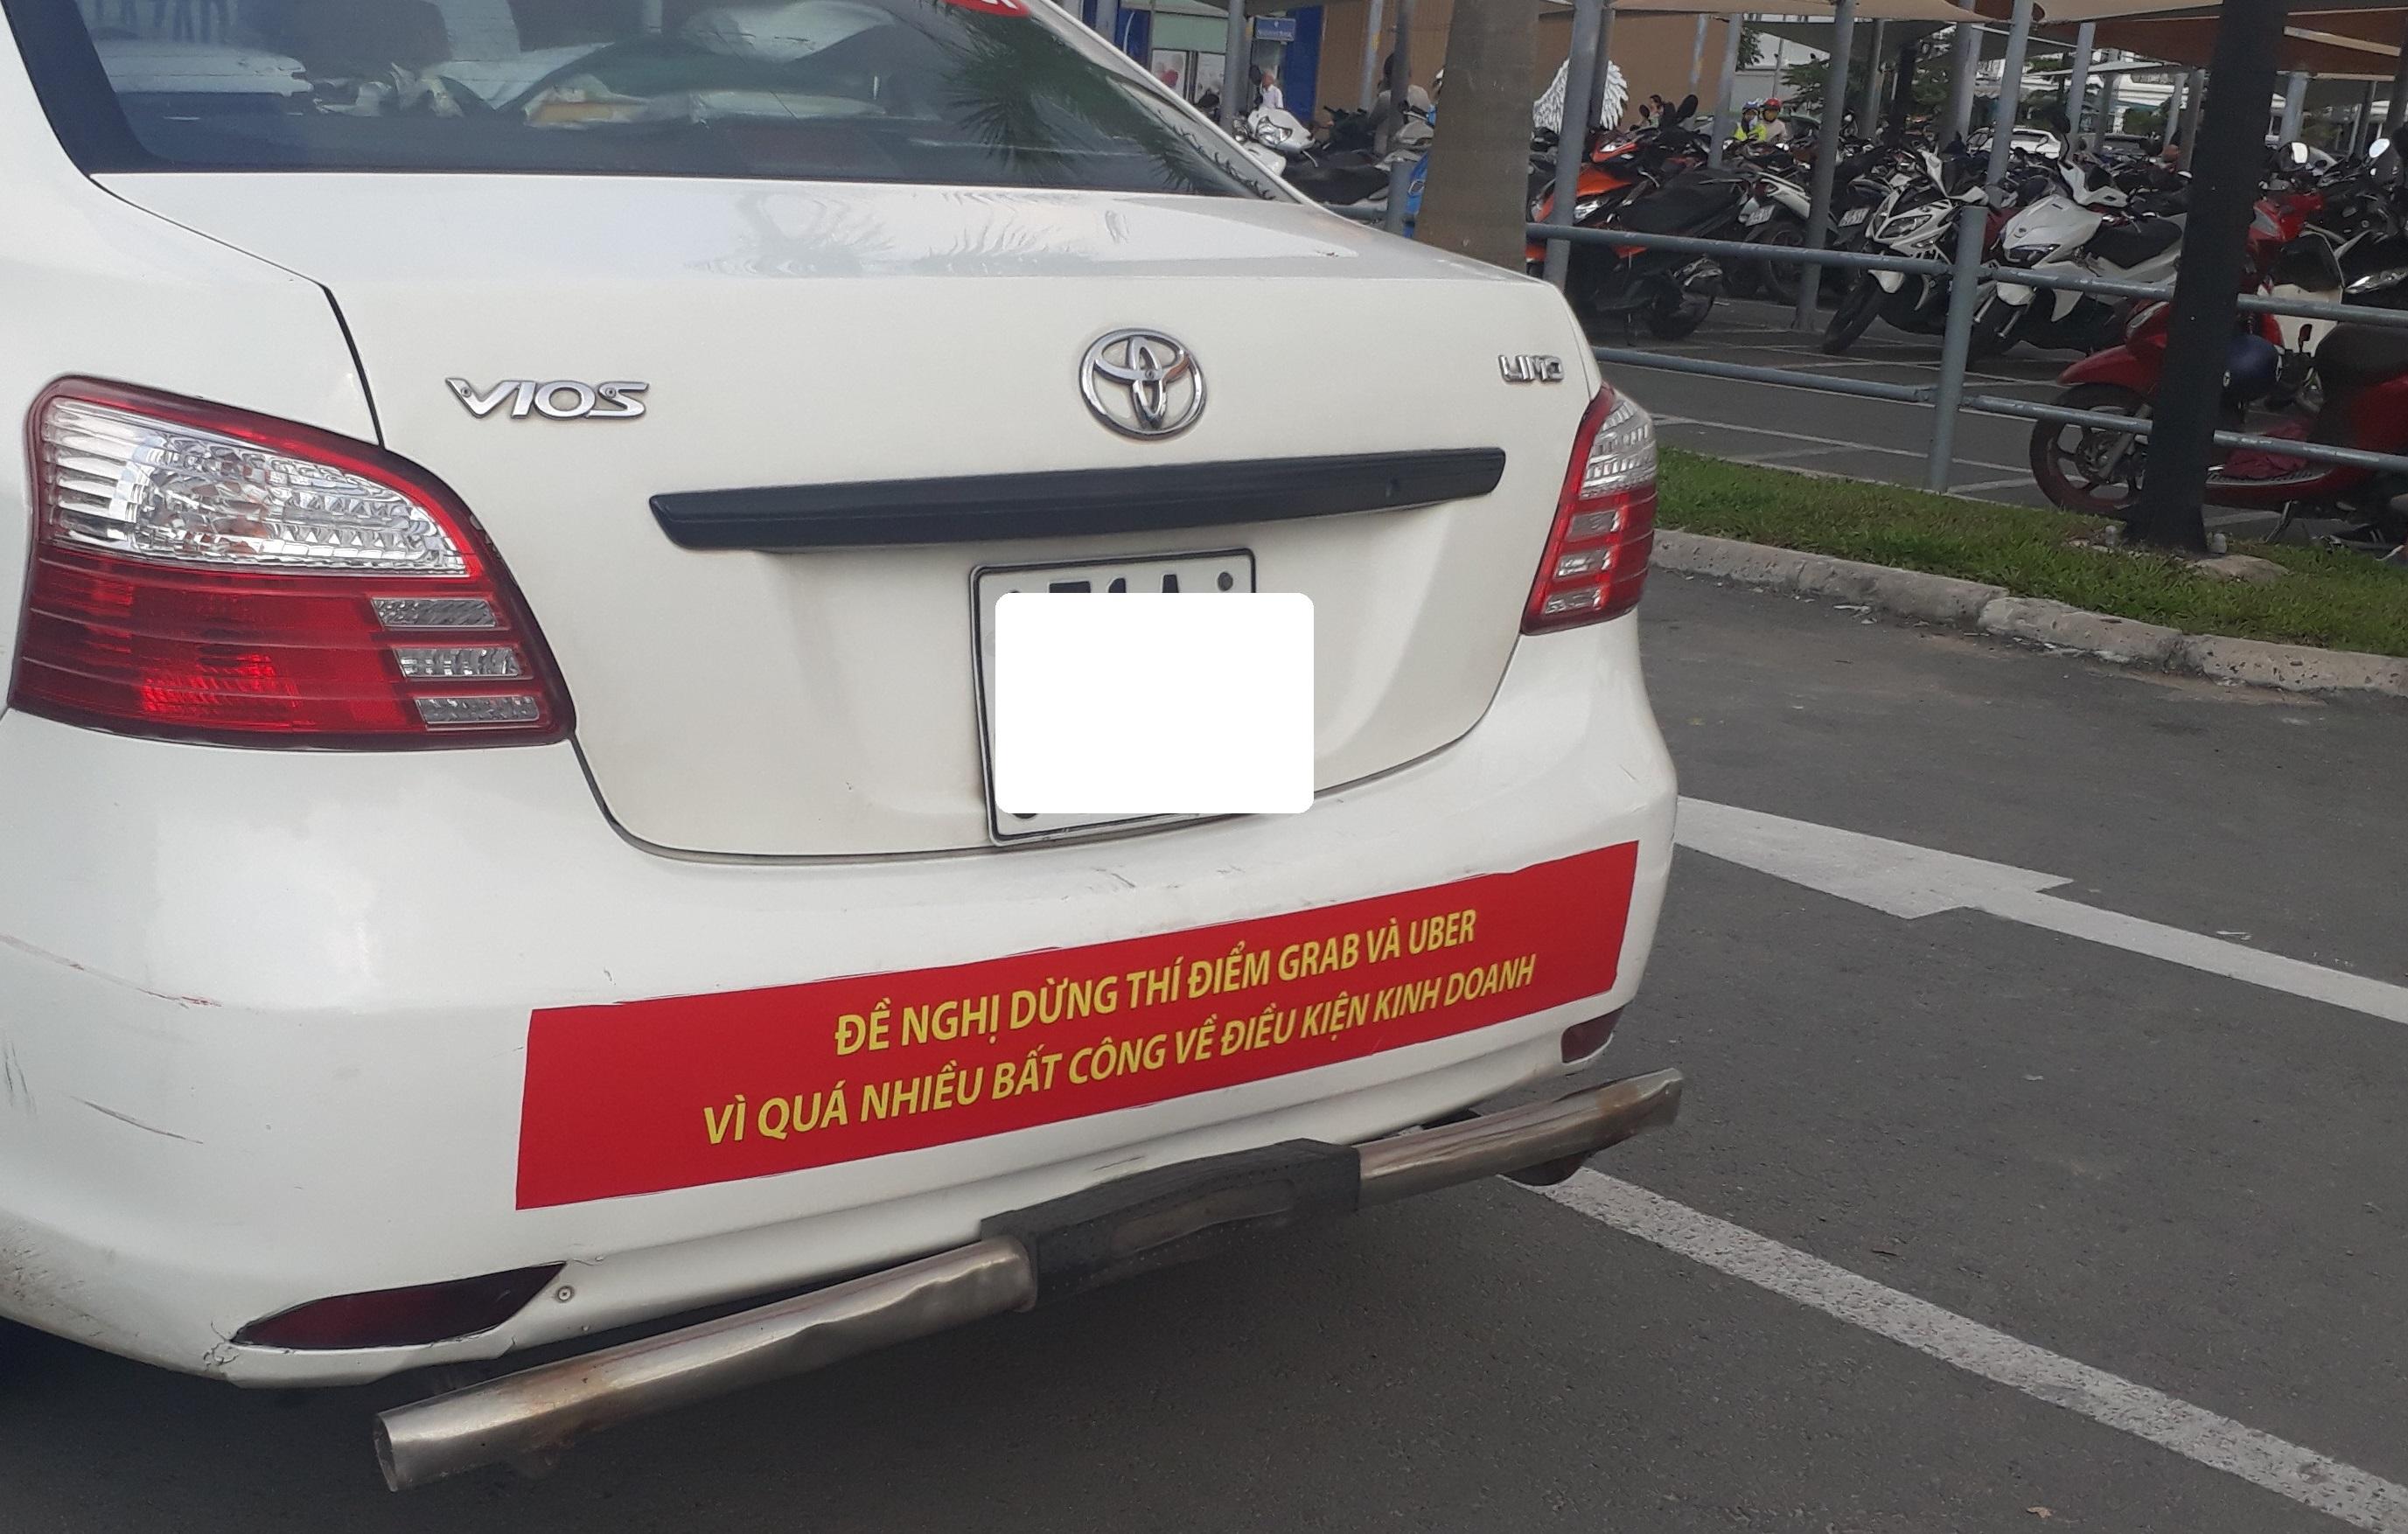 Dán khẩu hiệu phản đối Uber và Grab là chủ trương của Vinasun hay tài xế?